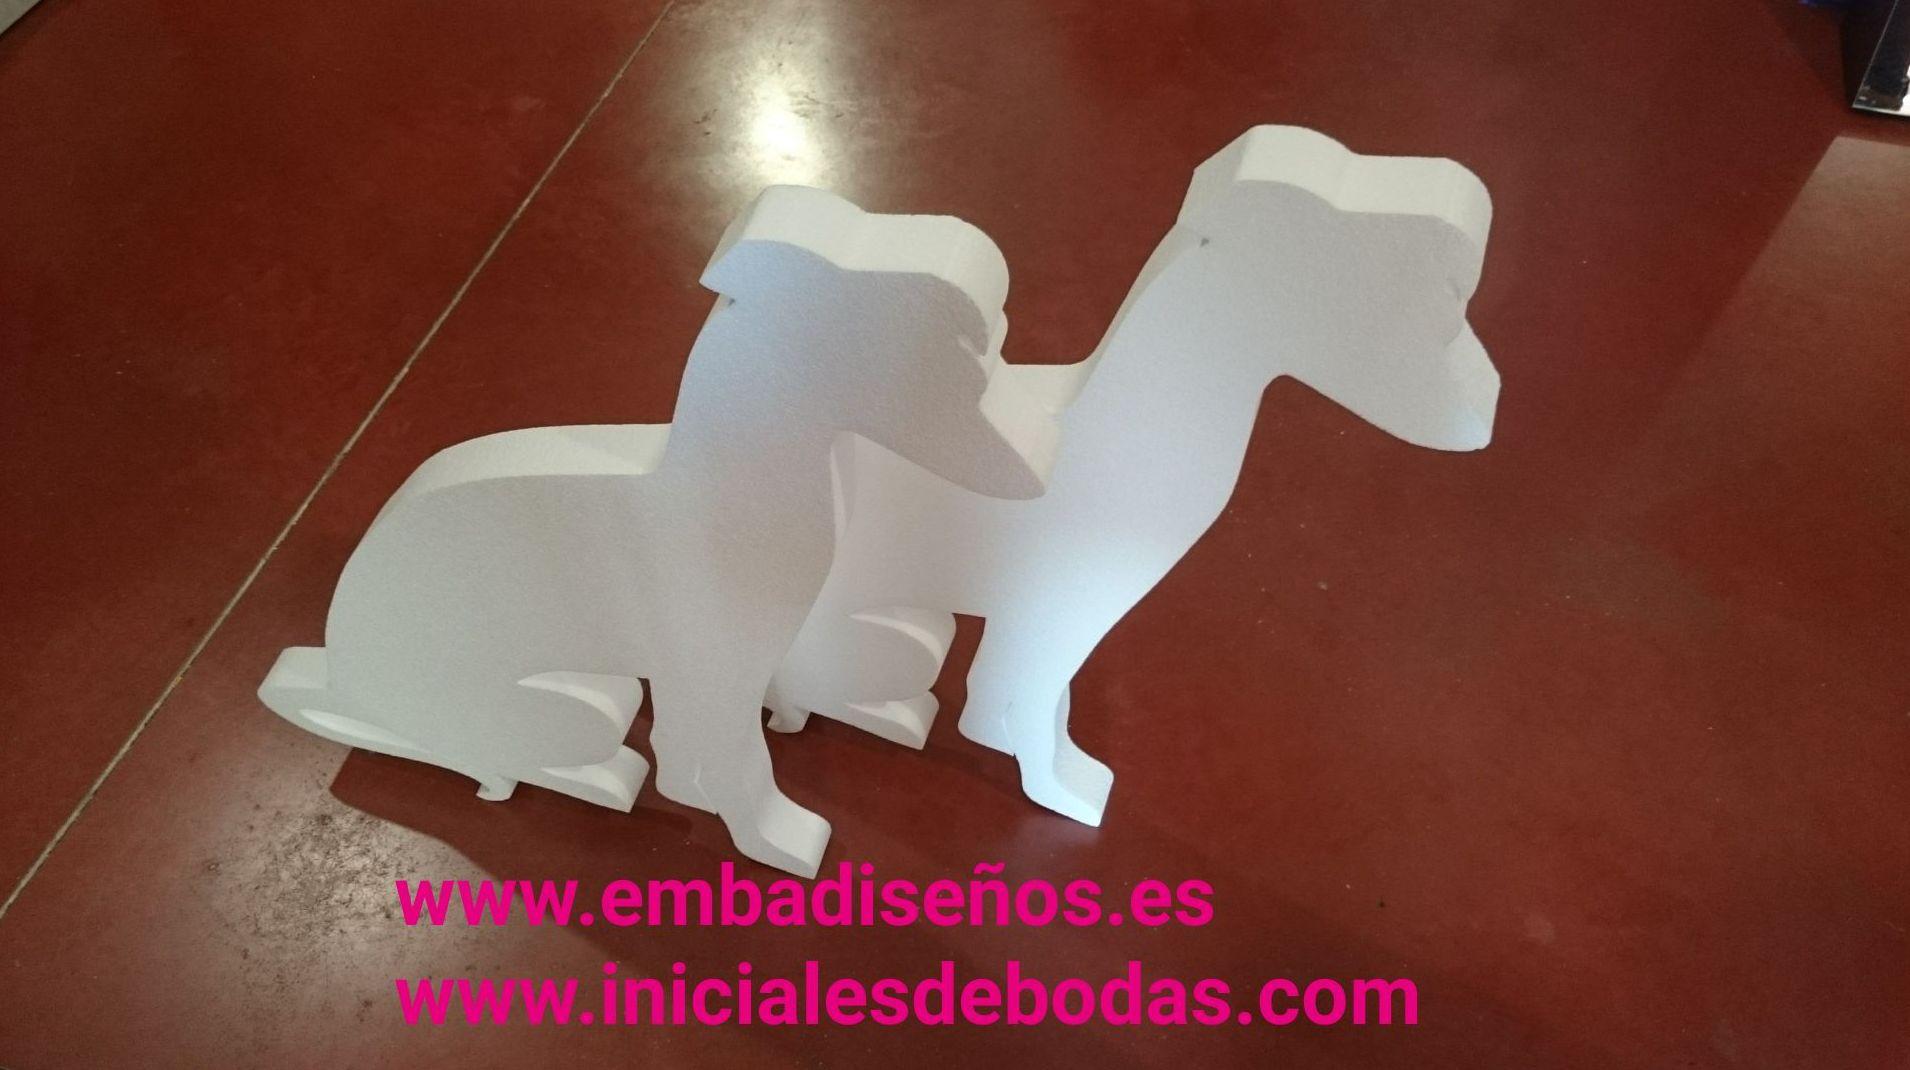 Embadiseños. Diseño y fabricación de figuras de poliespán